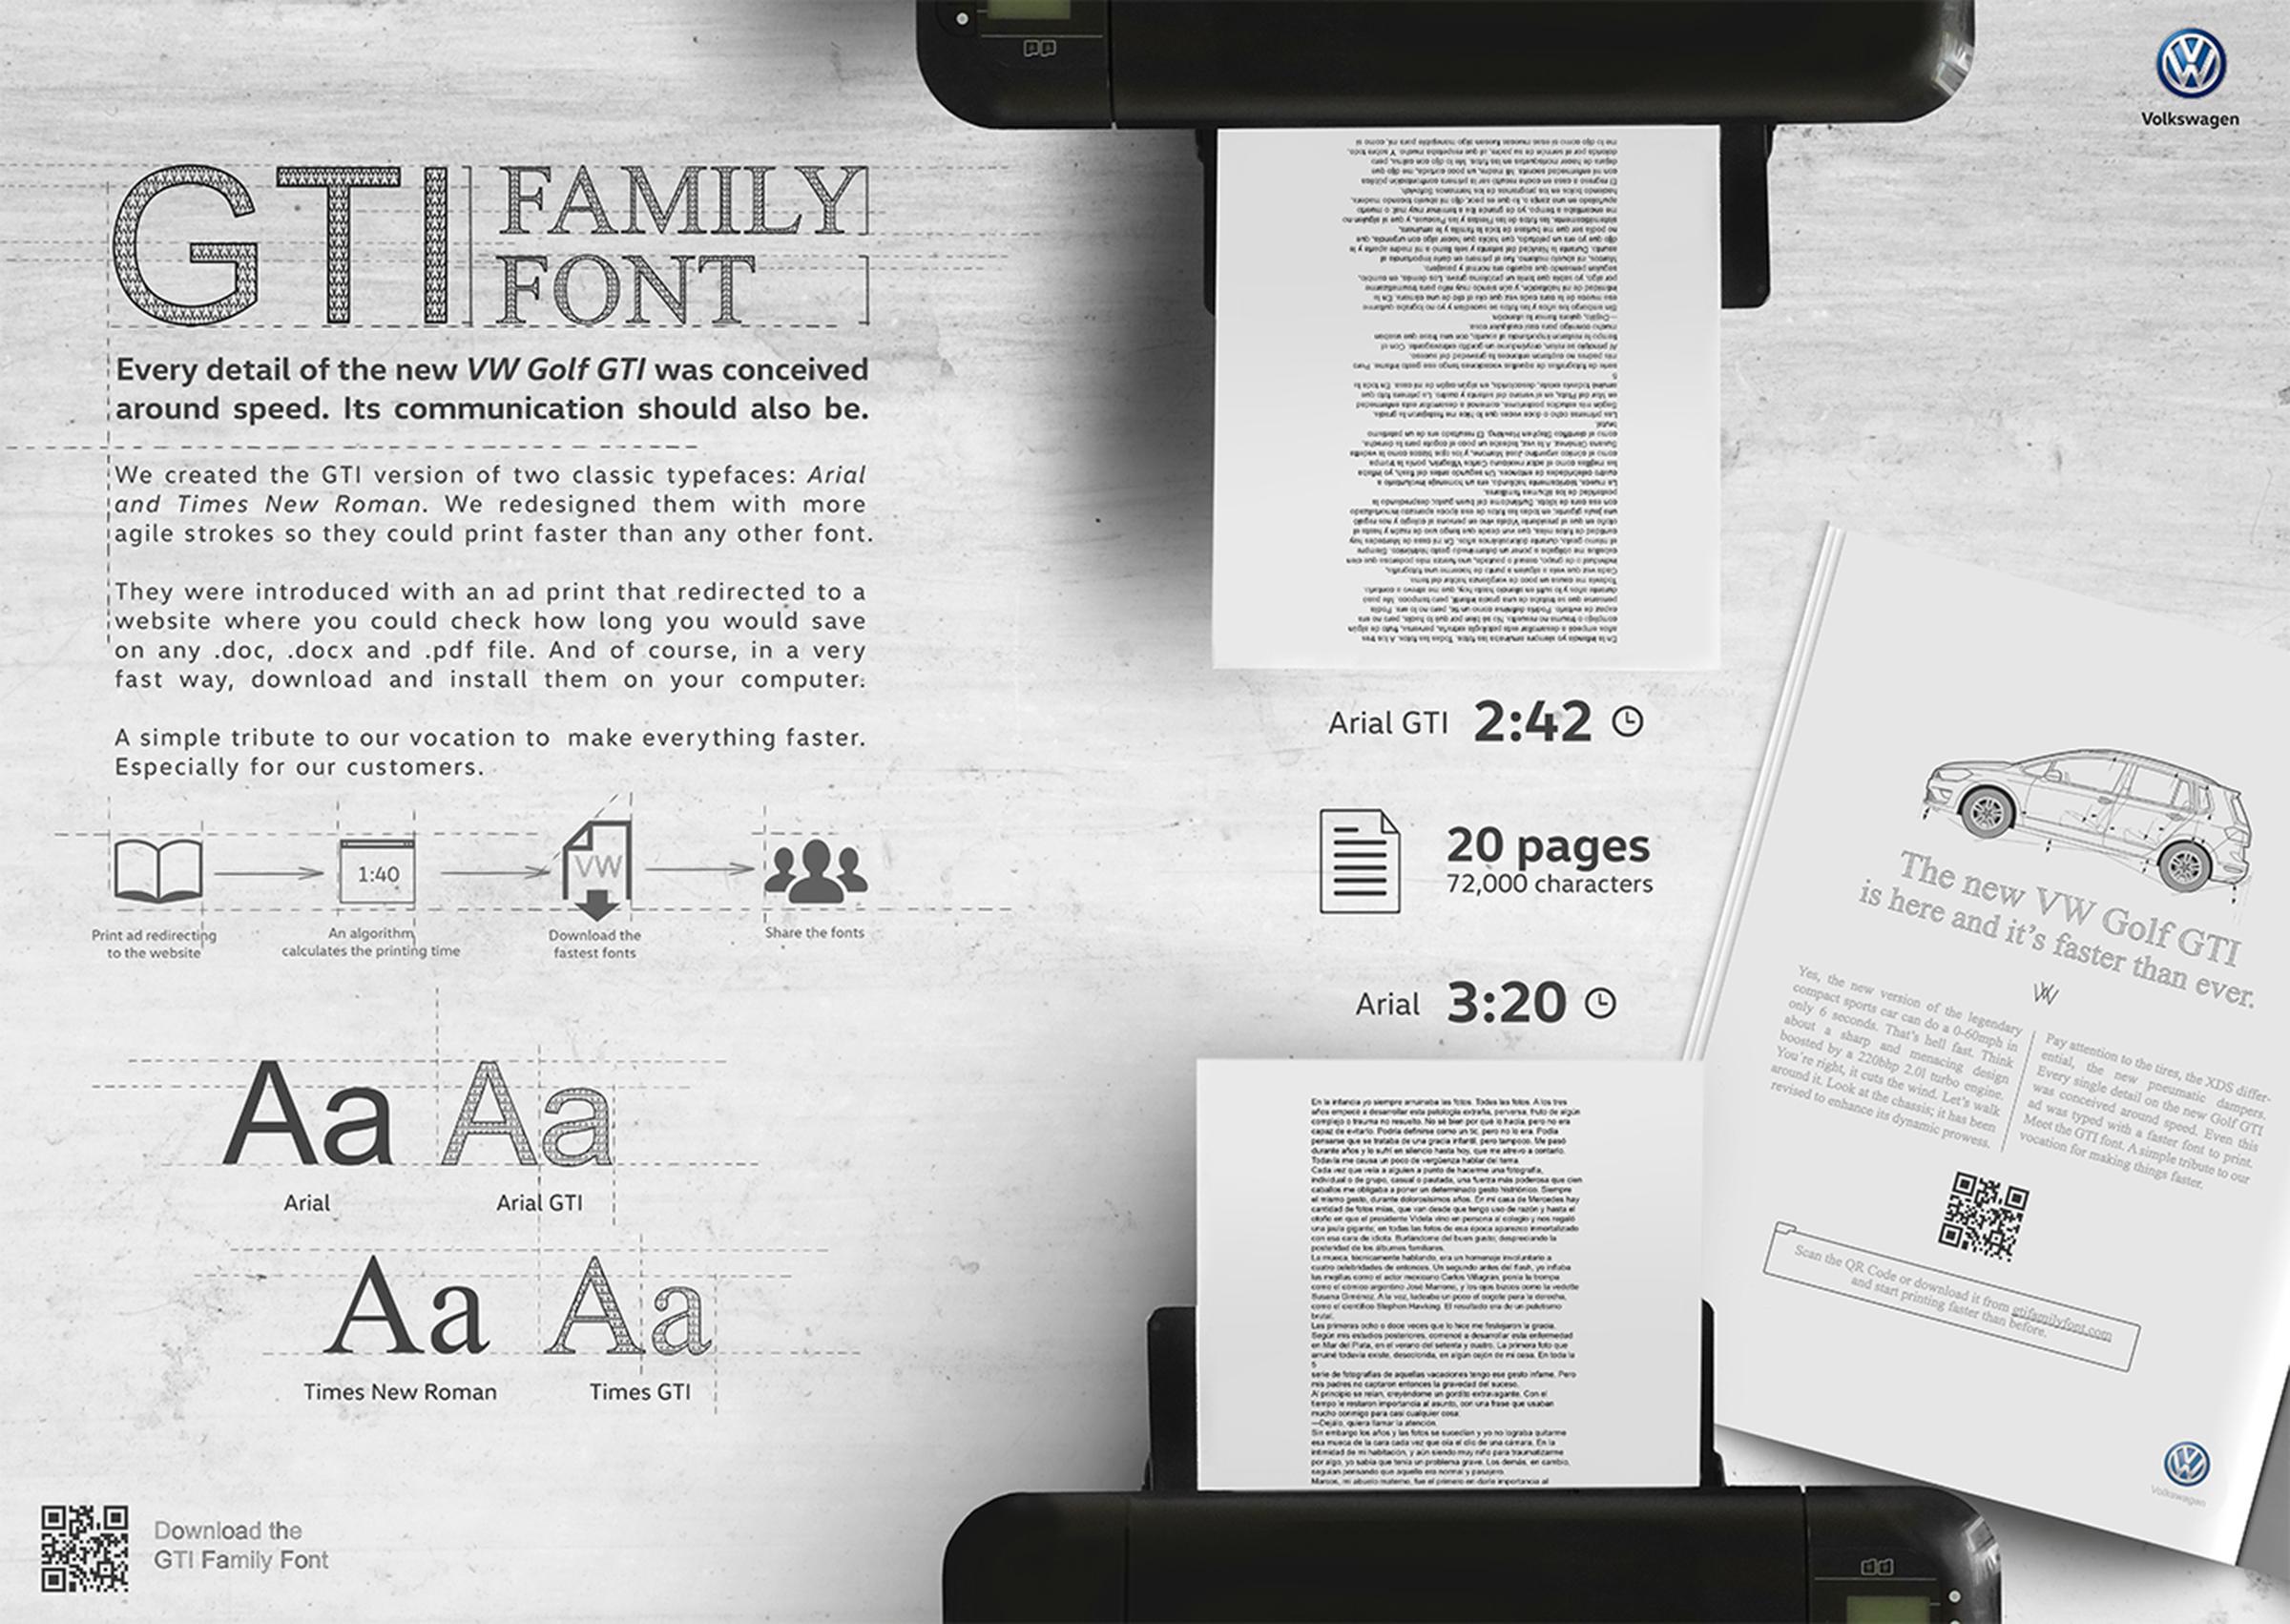 Board Gti family font